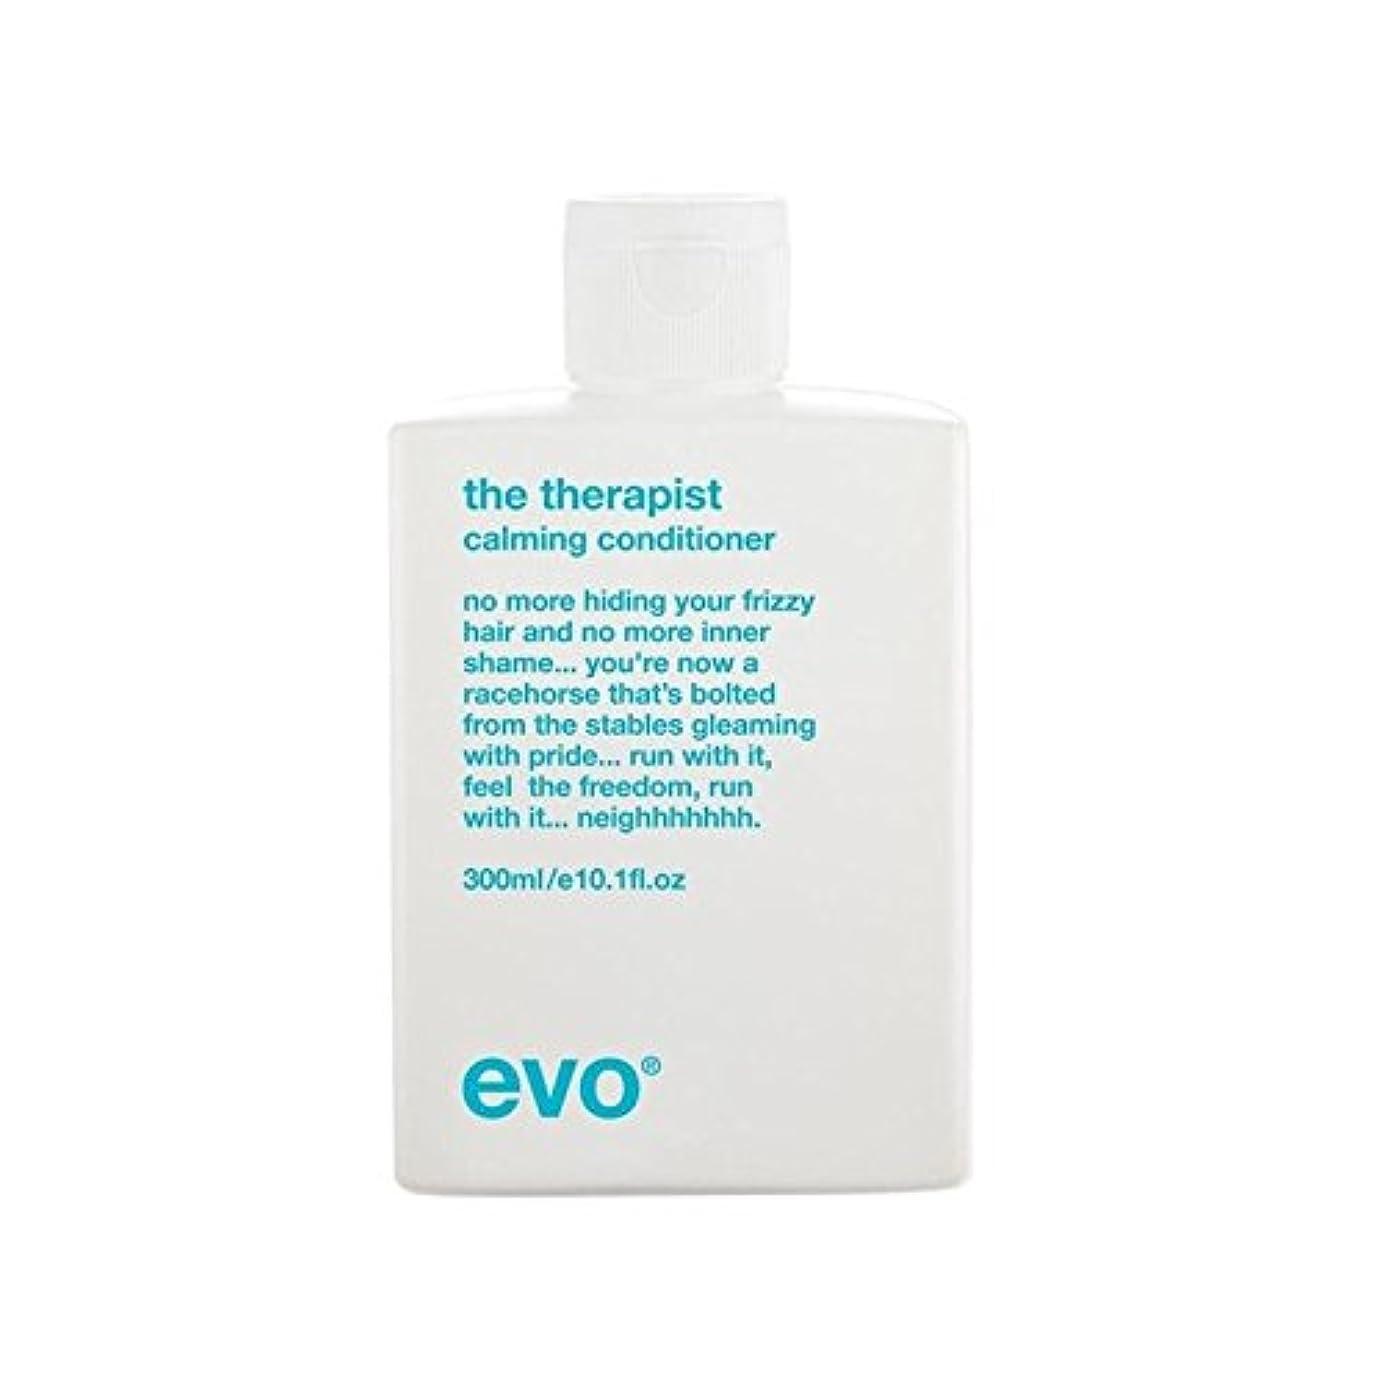 カウボーイ押し下げるゴミセラピスト沈静コンディショナー(300ミリリットル) x2 - Evo The Therapist Calming Conditioner (300ml) (Pack of 2) [並行輸入品]